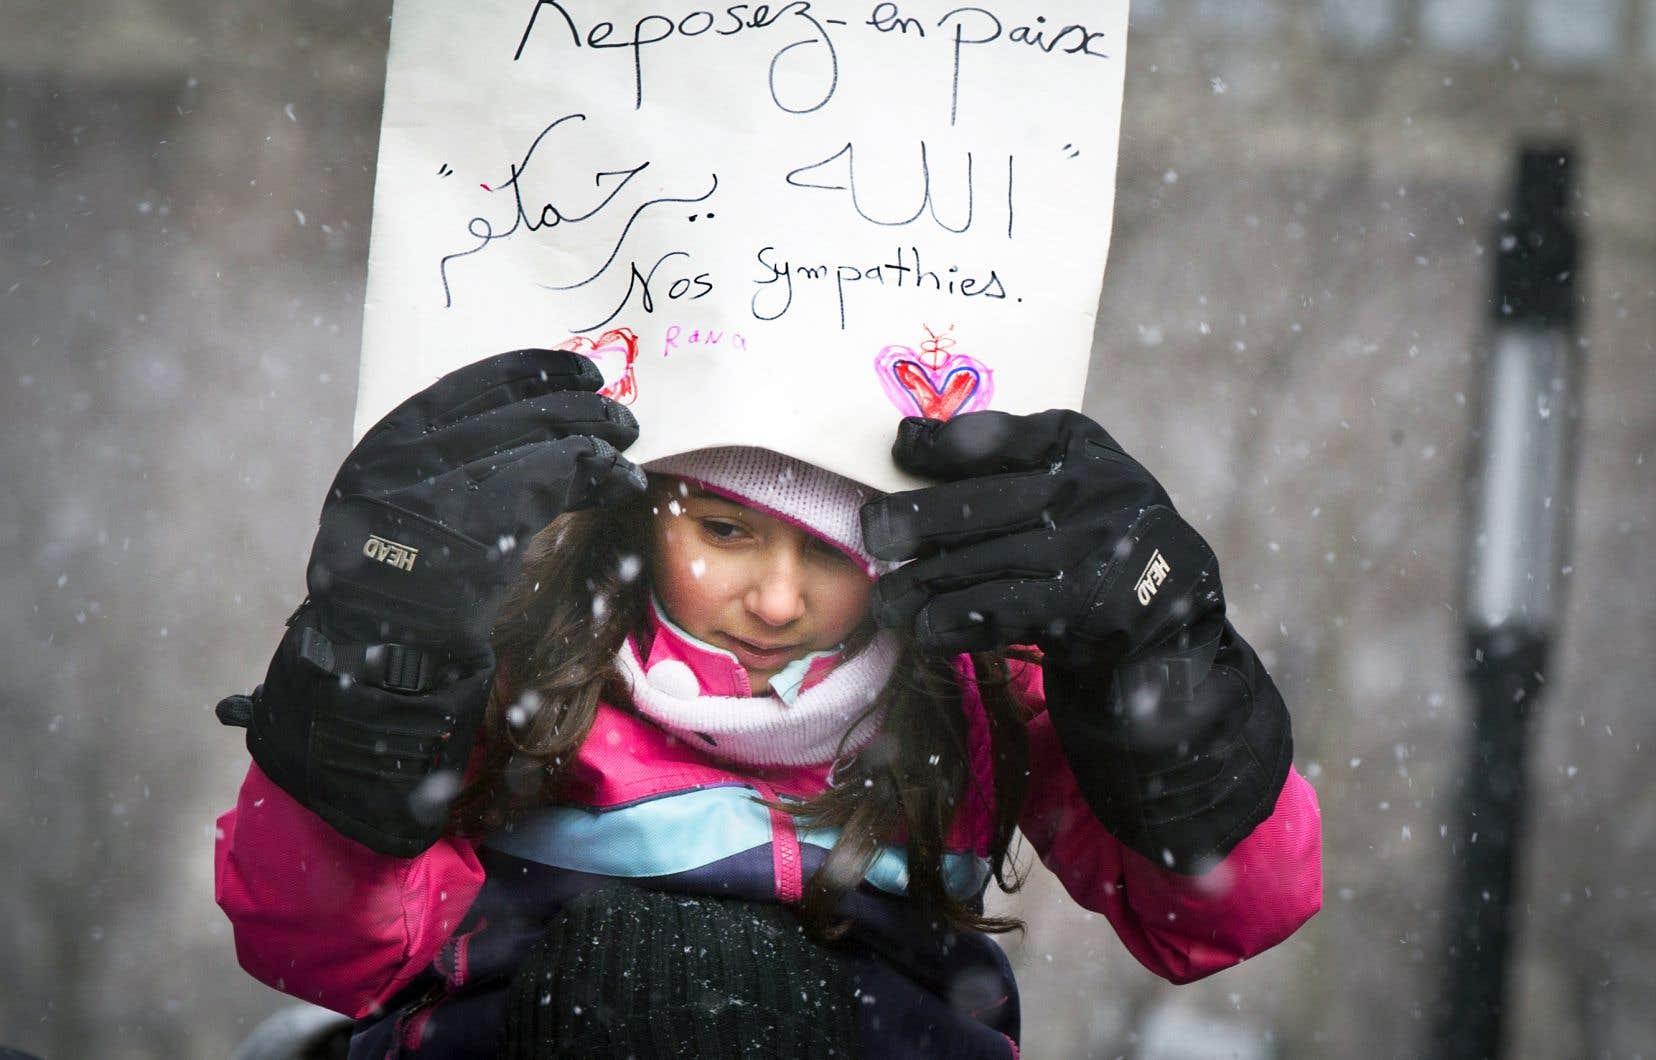 Un mot de bienveillance, porté par une petite musulmane, lors des funérailles des victimes de l'attentat de la grande mosquée de Québec, à l'aréna Maurice-Richard de Montréal. Chaque intention humaniste, même mentalement, annule un peu de haine et d'intolérance.